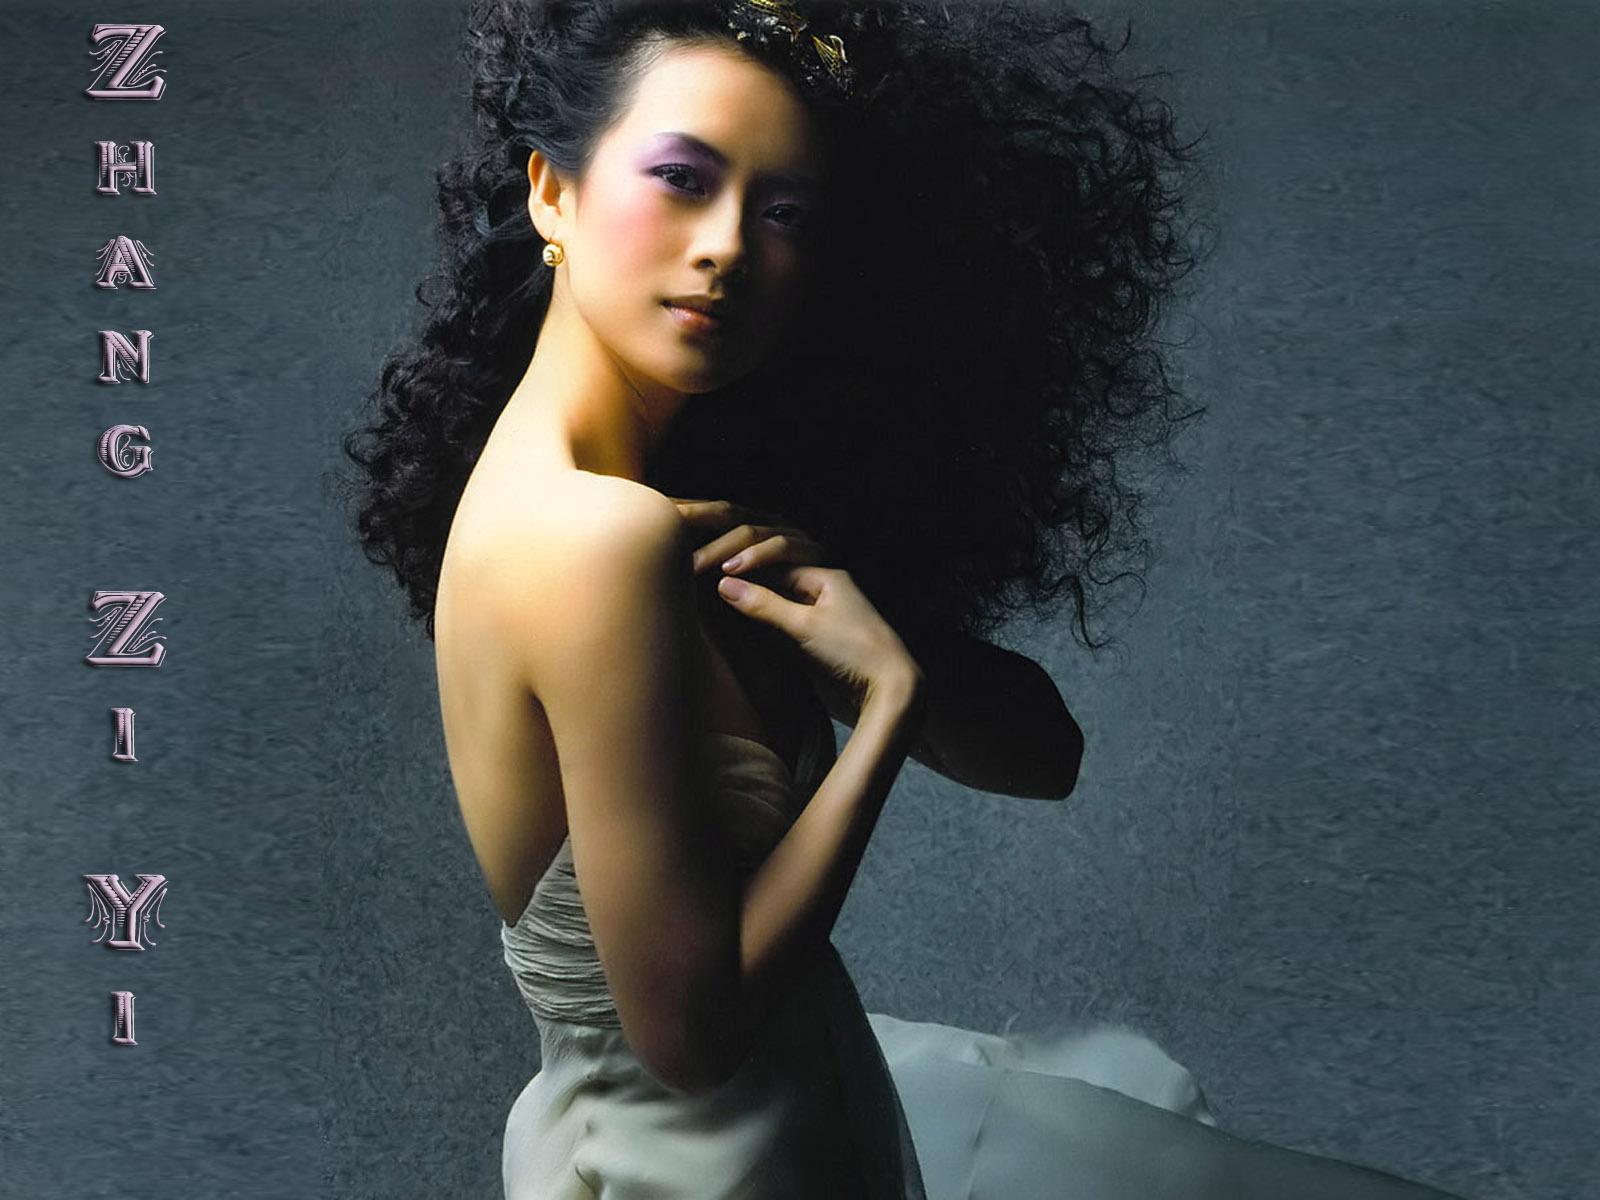 Zhang Zhi Yi Nude 63